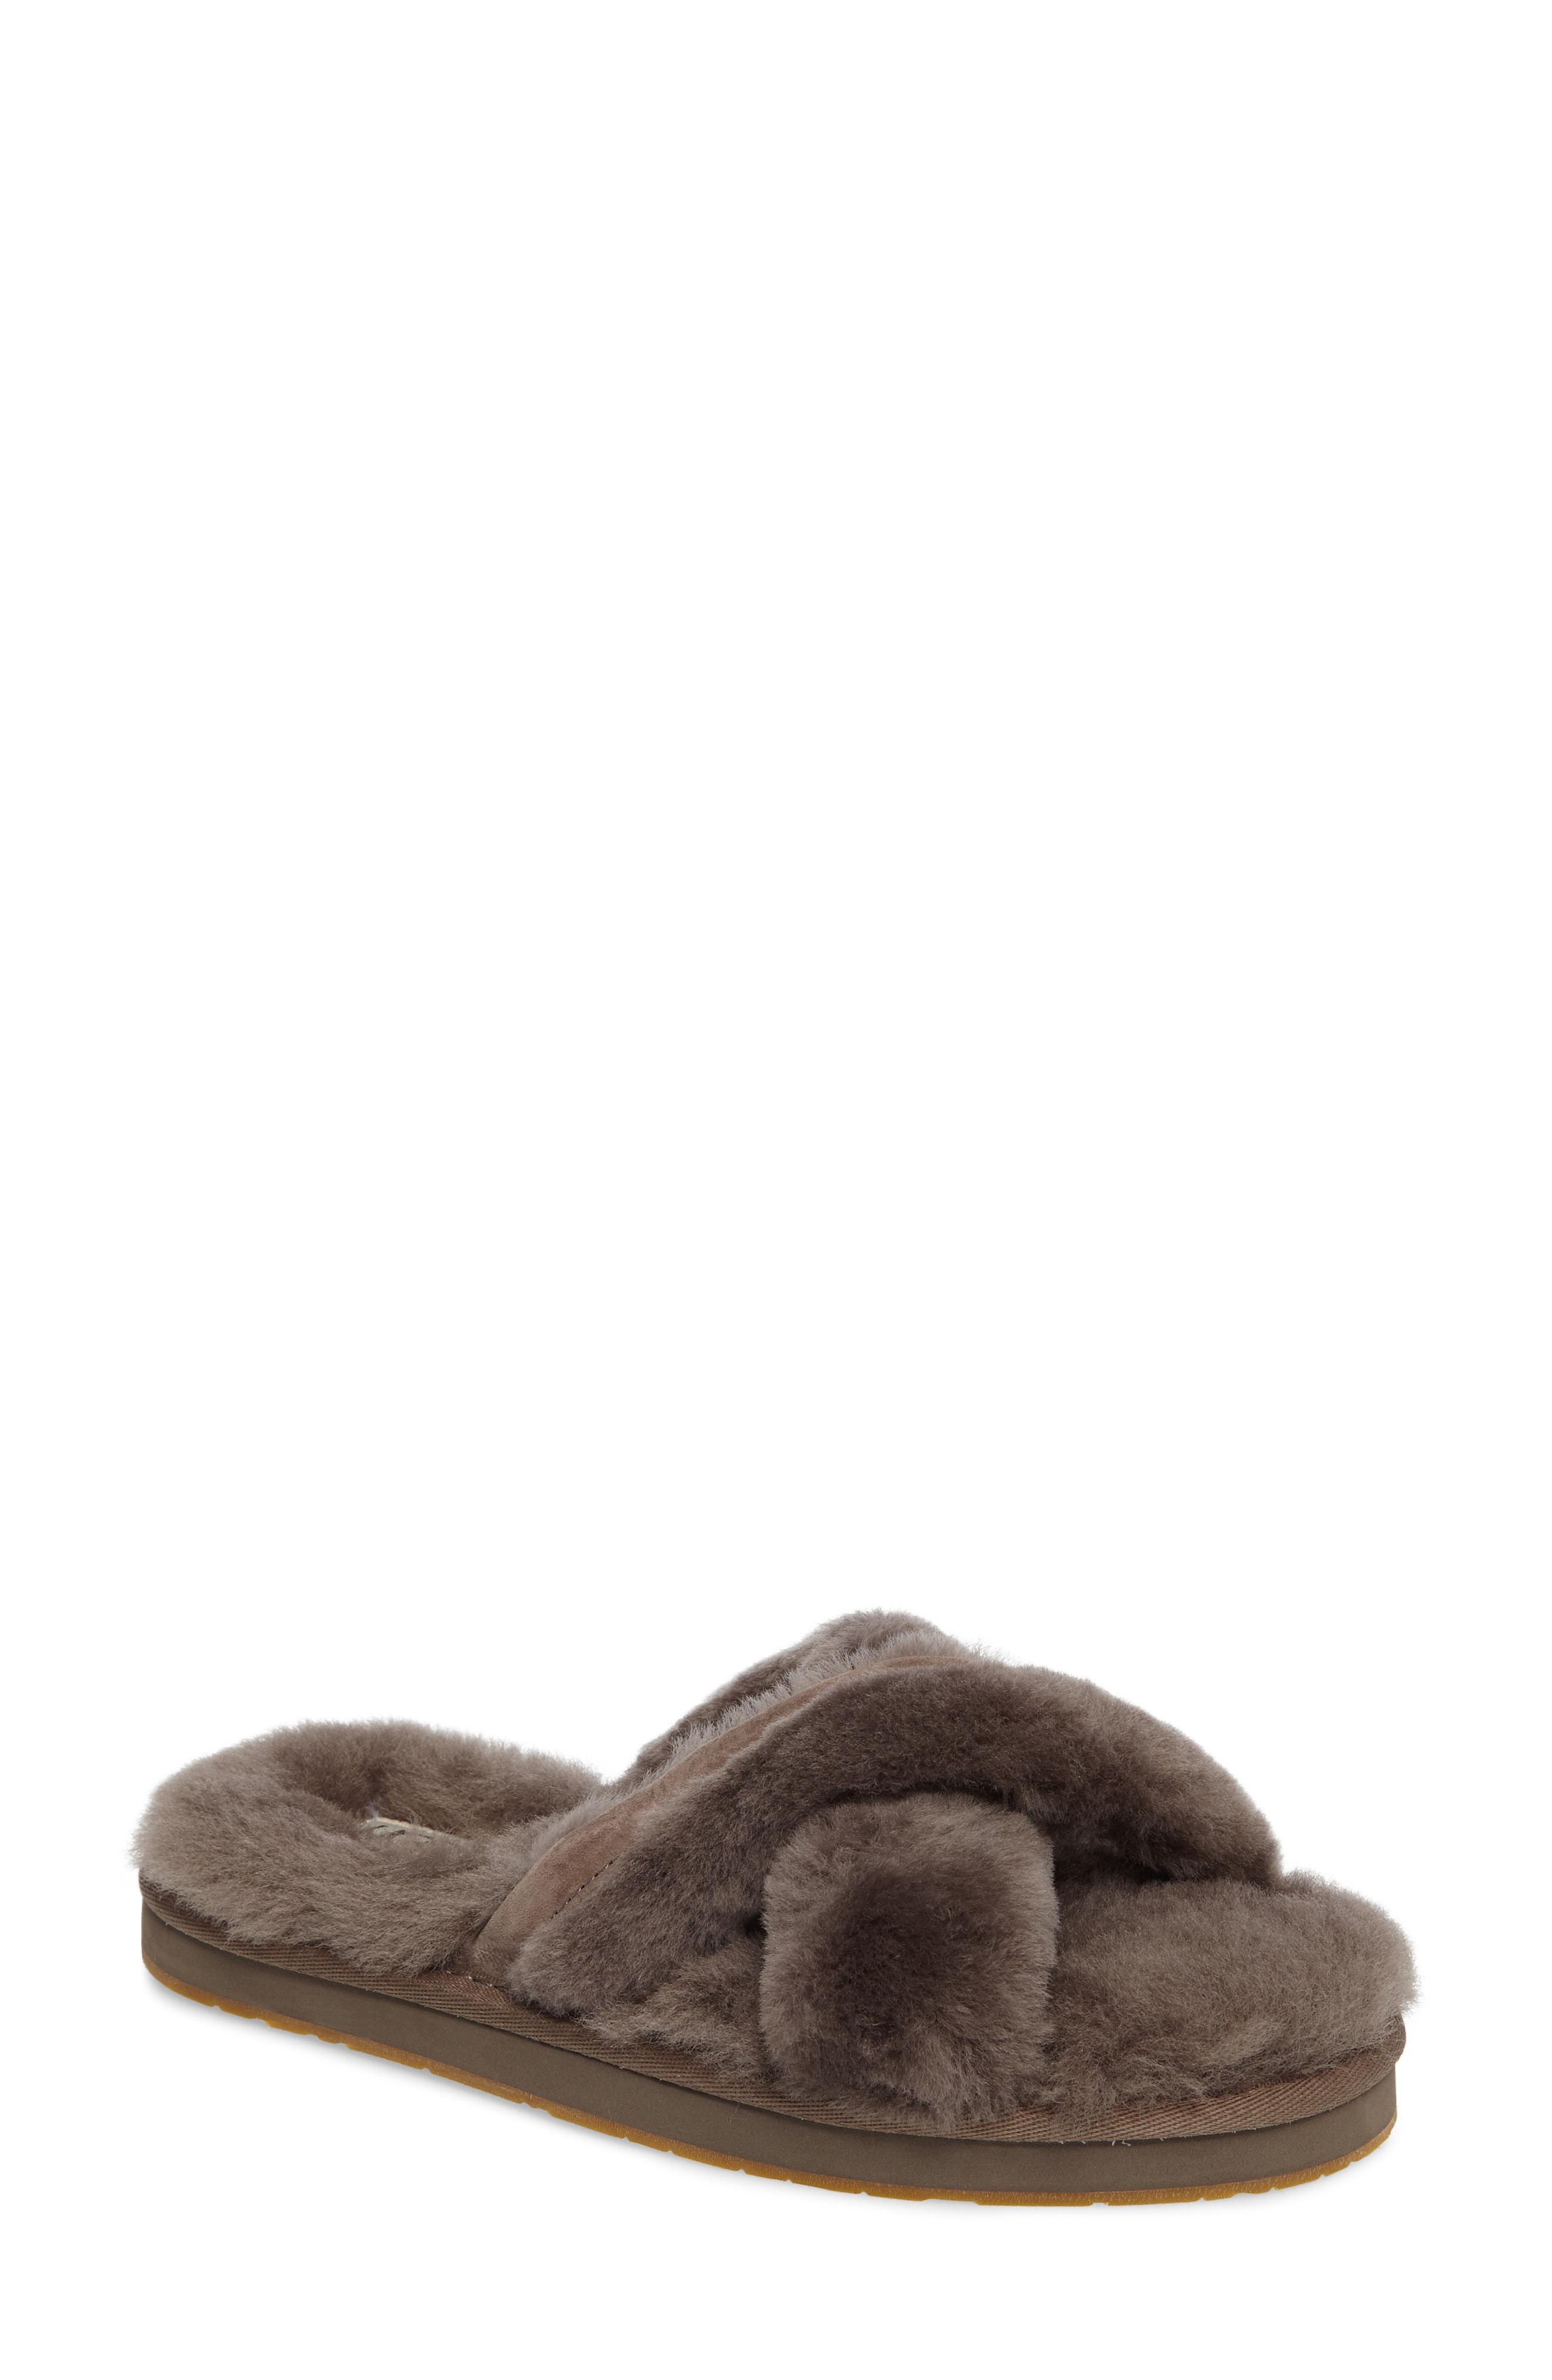 35ad327a65140 UGG. Women s Ugg Abela Genuine Shearling Flip Flop